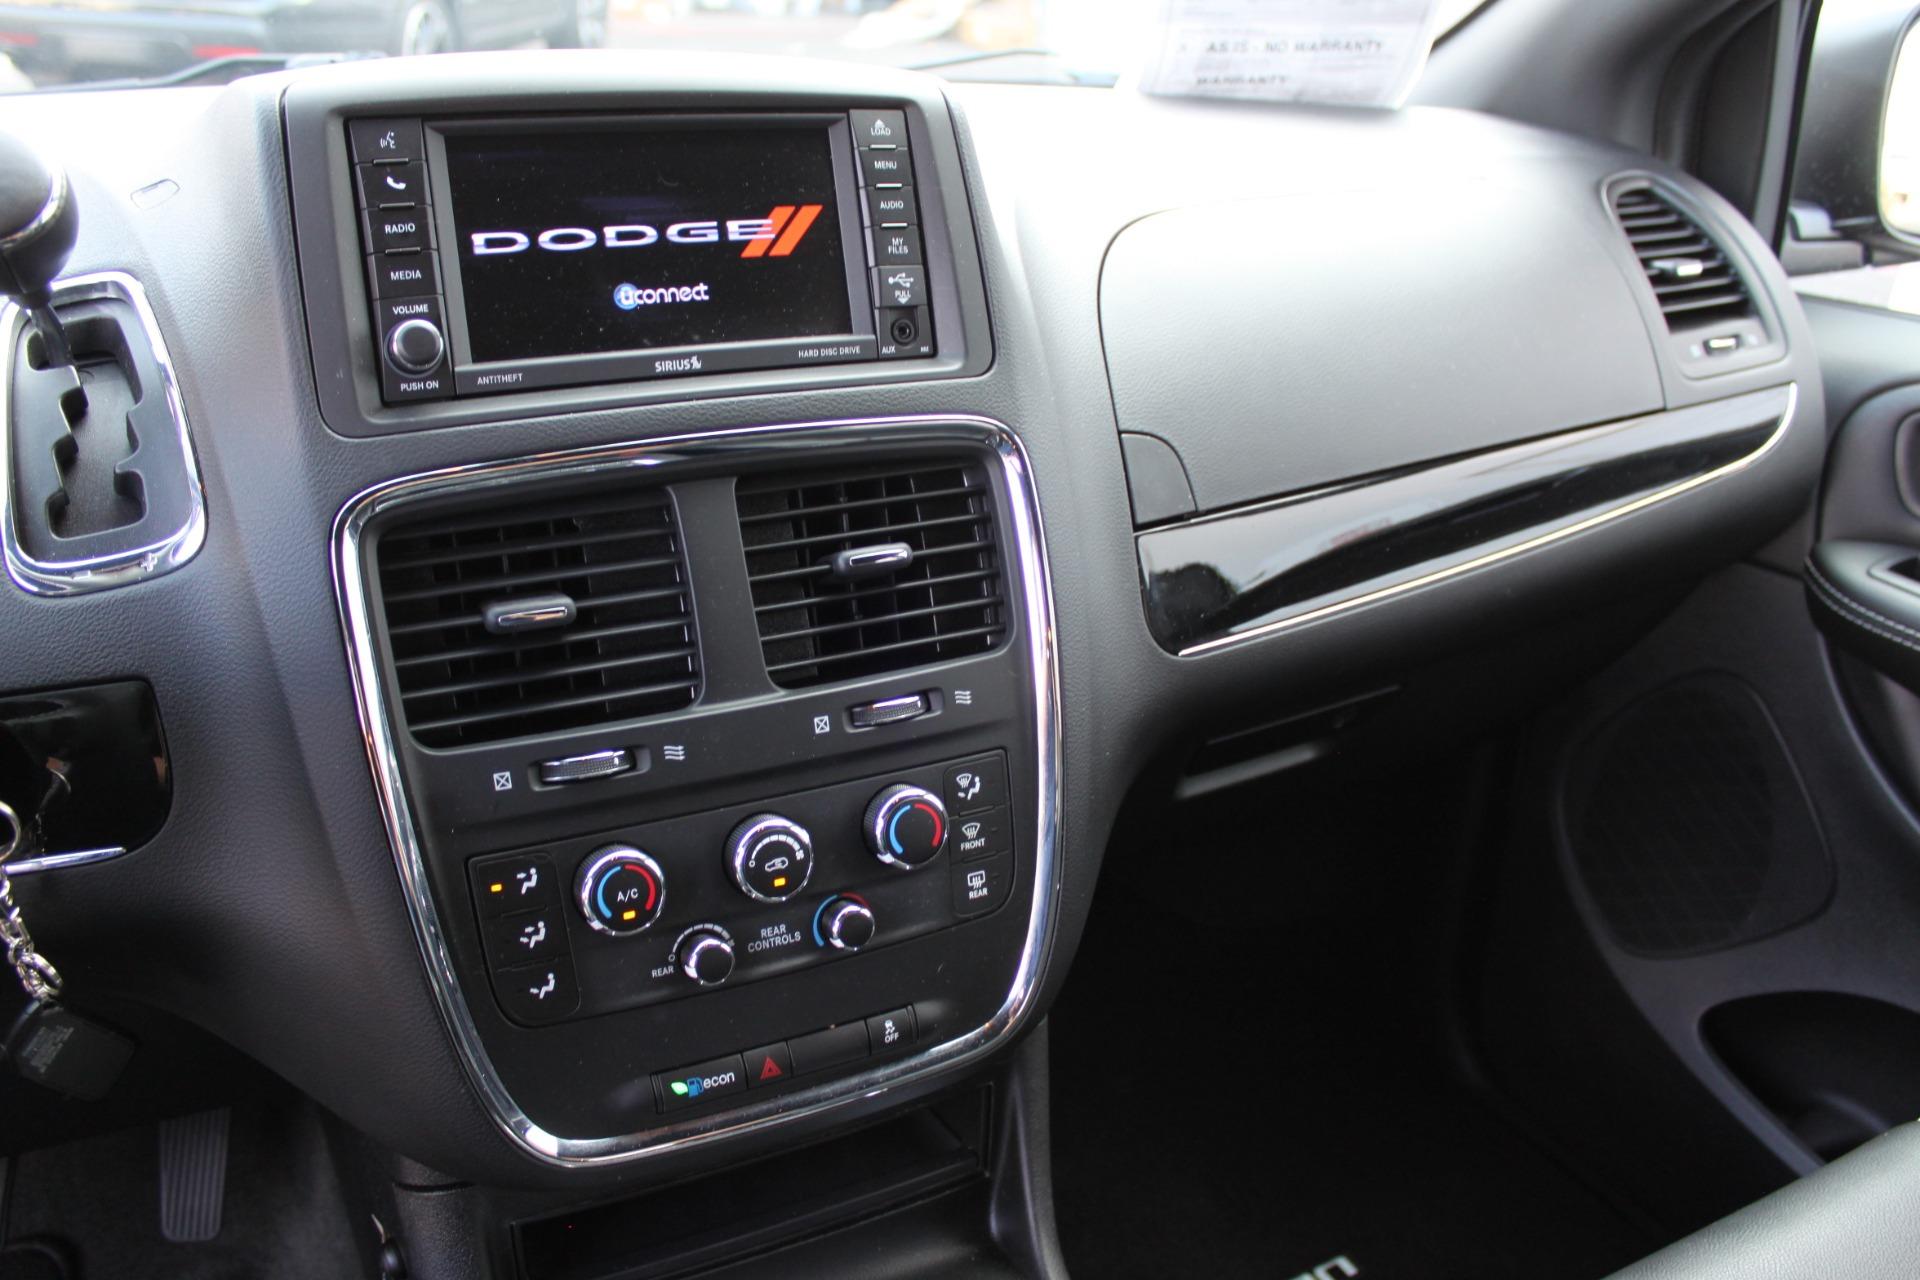 Used-2018-Dodge-Grand-Caravan-SXT-Rollx-Mobility-Conversion-Porsche